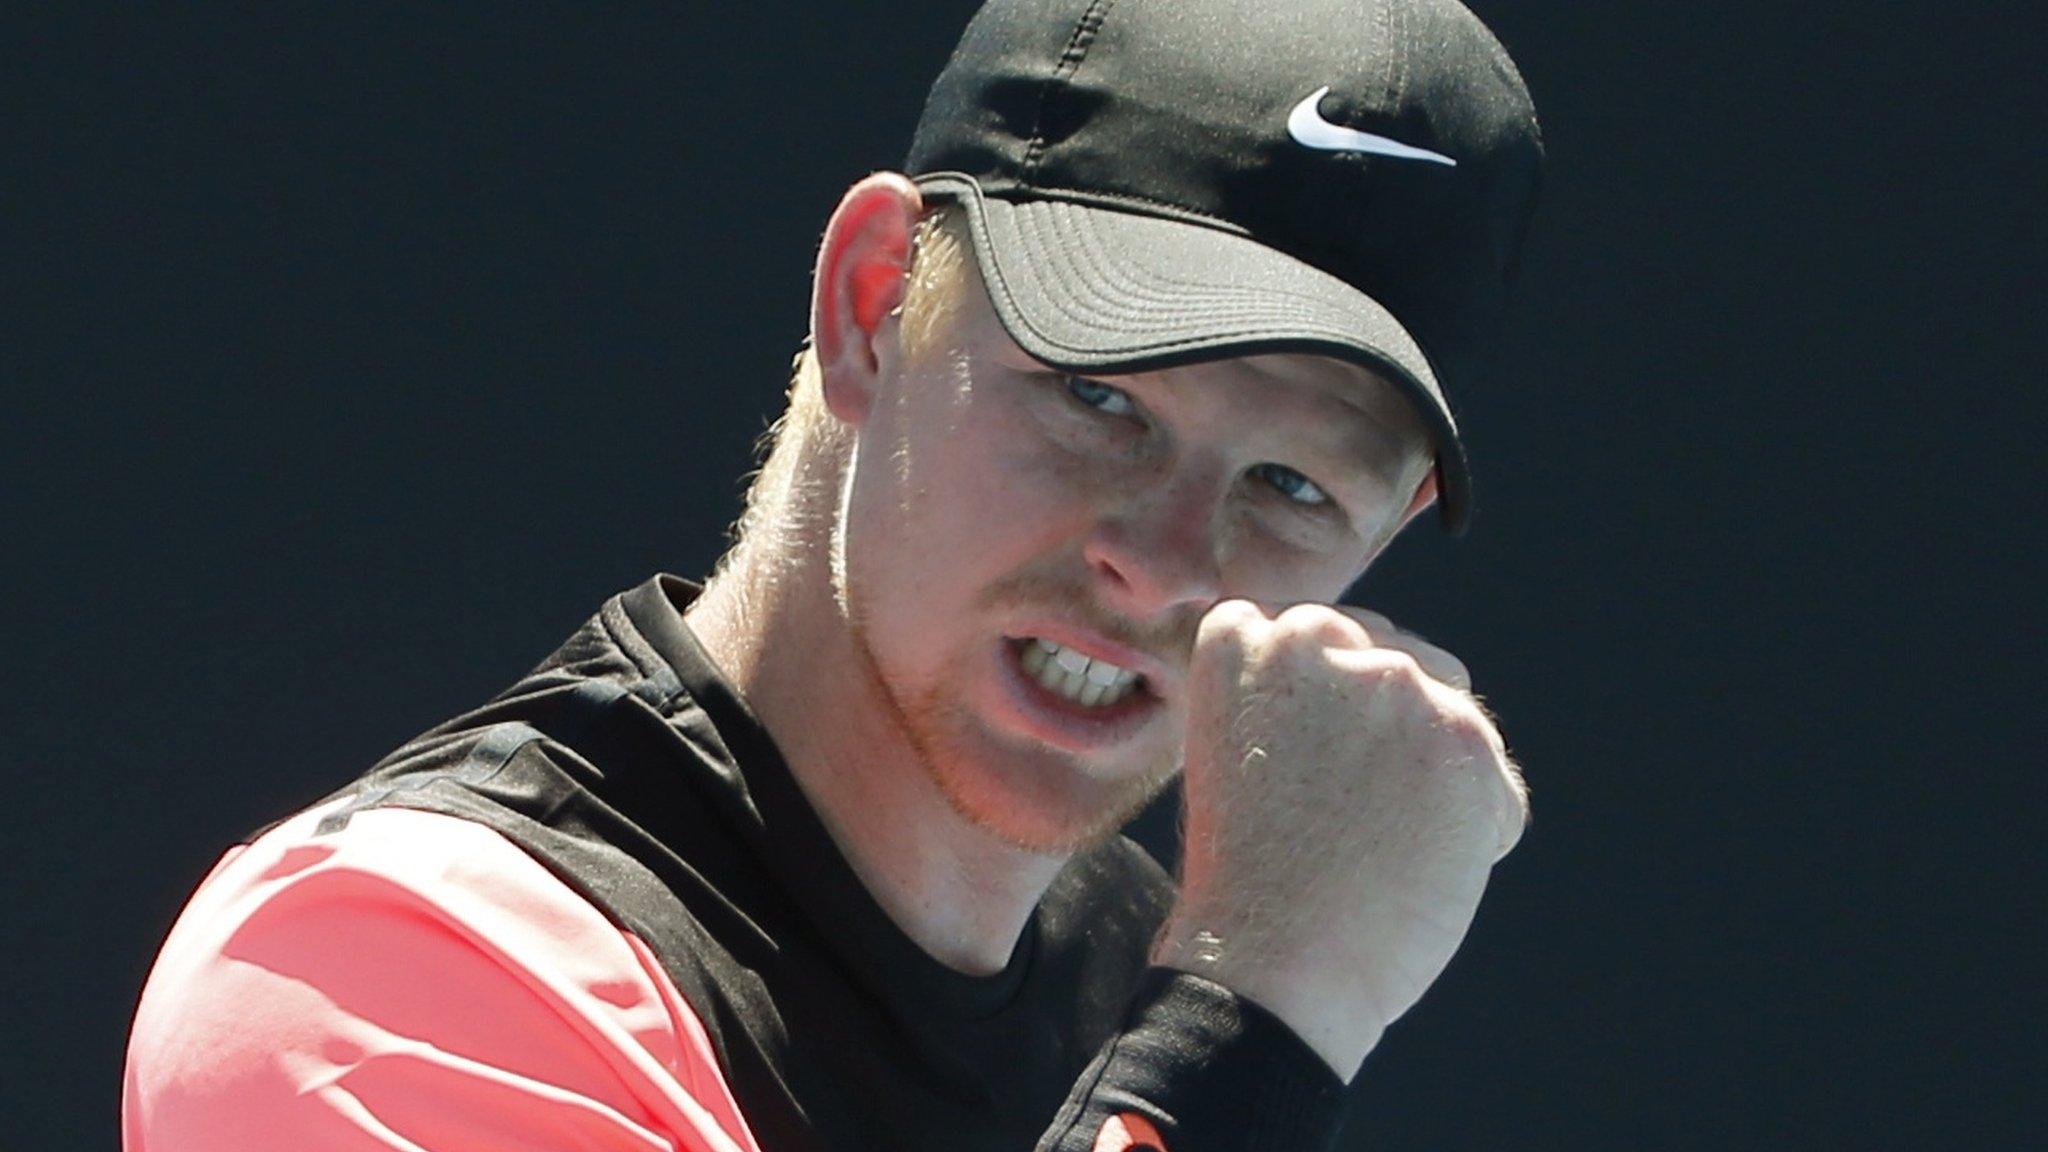 Australian Open 2018: Kyle Edmund beats Denis Isto